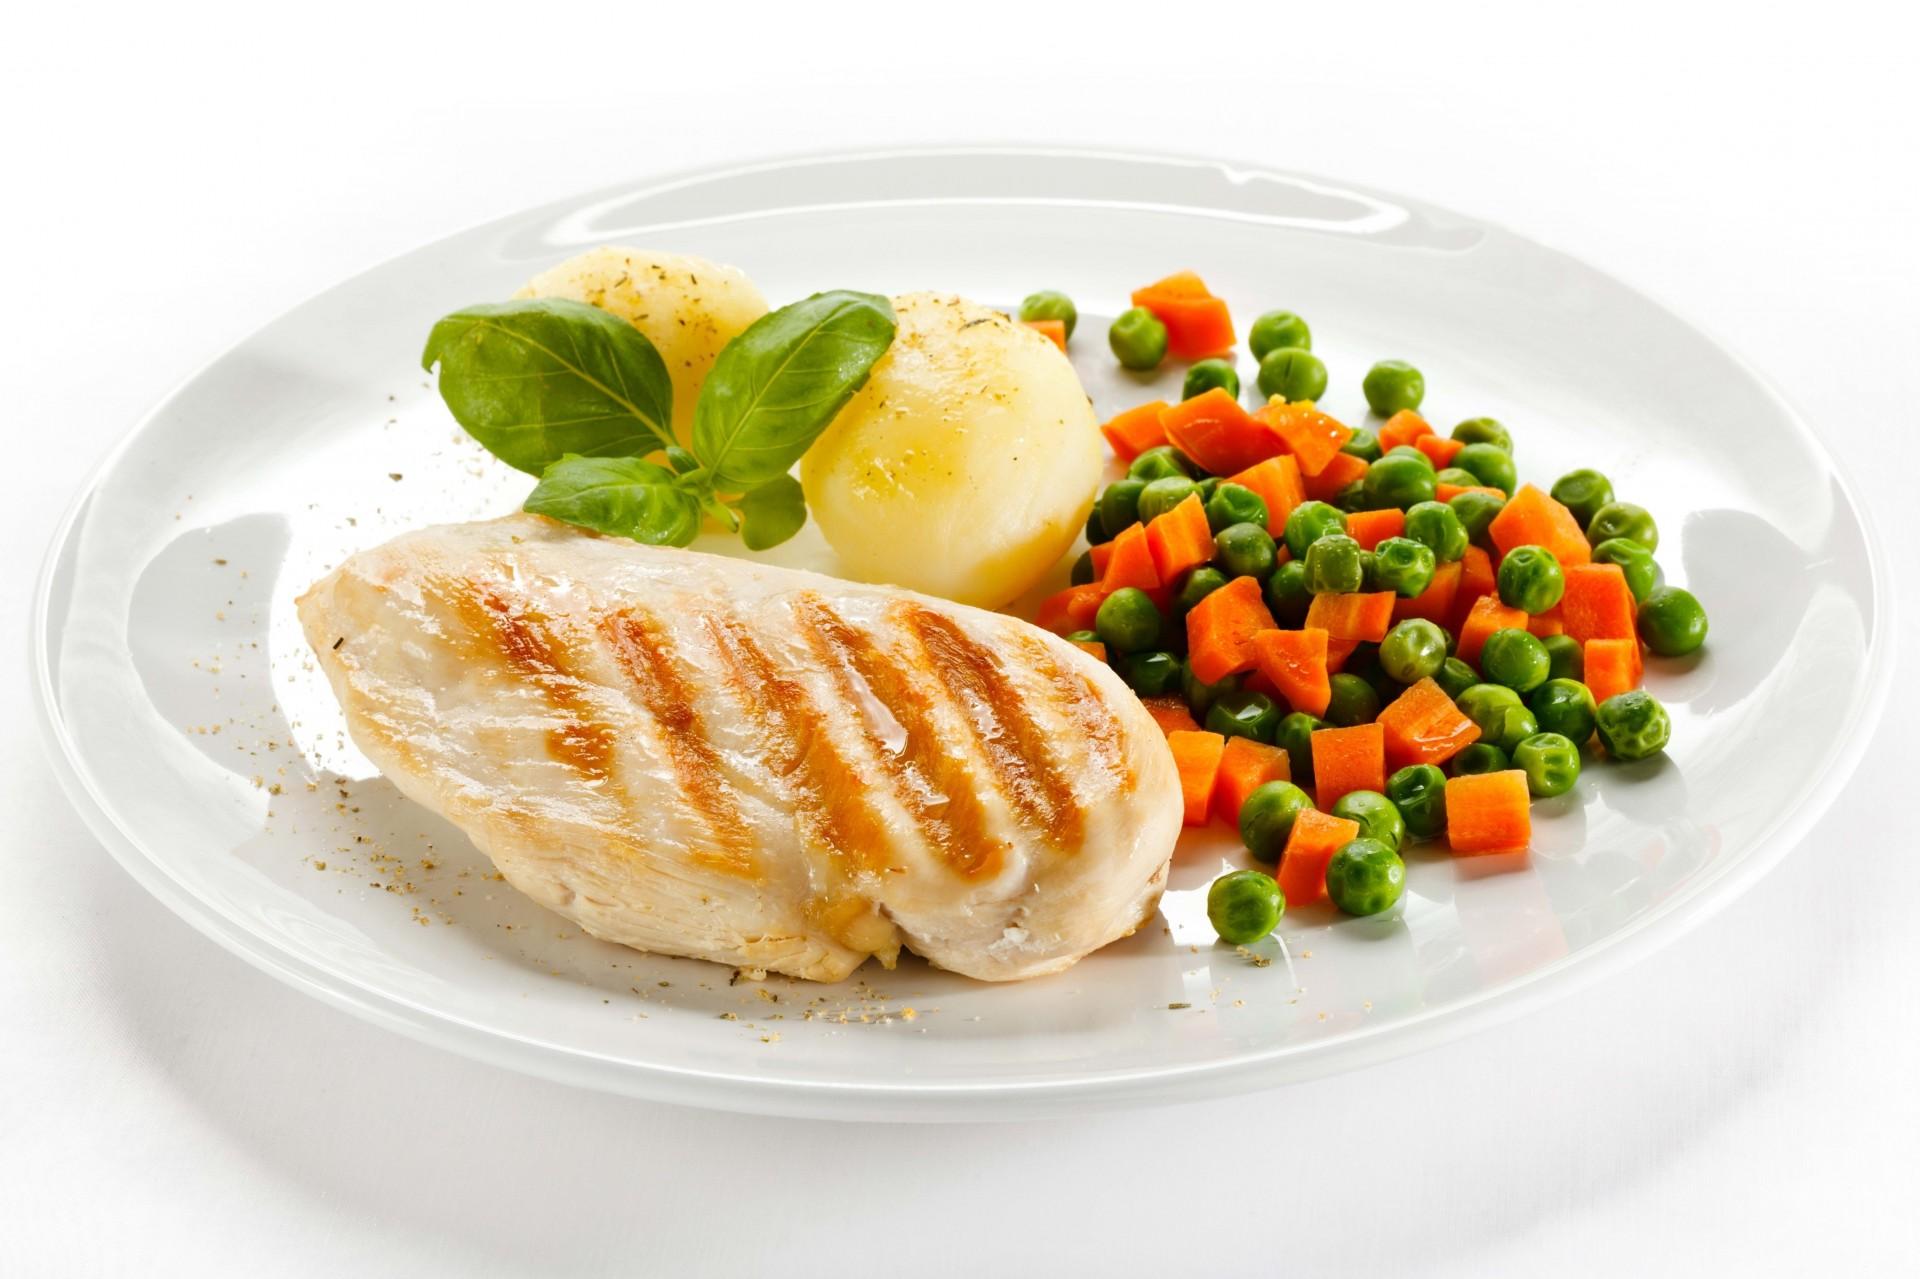 Первый завтрак: вареные яйца курицы (2 штуки), г обезжиренного кефира (можно заменить ряженкой или закваской), чашка зеленого чая без сахара, маленький фрукт на выбор.